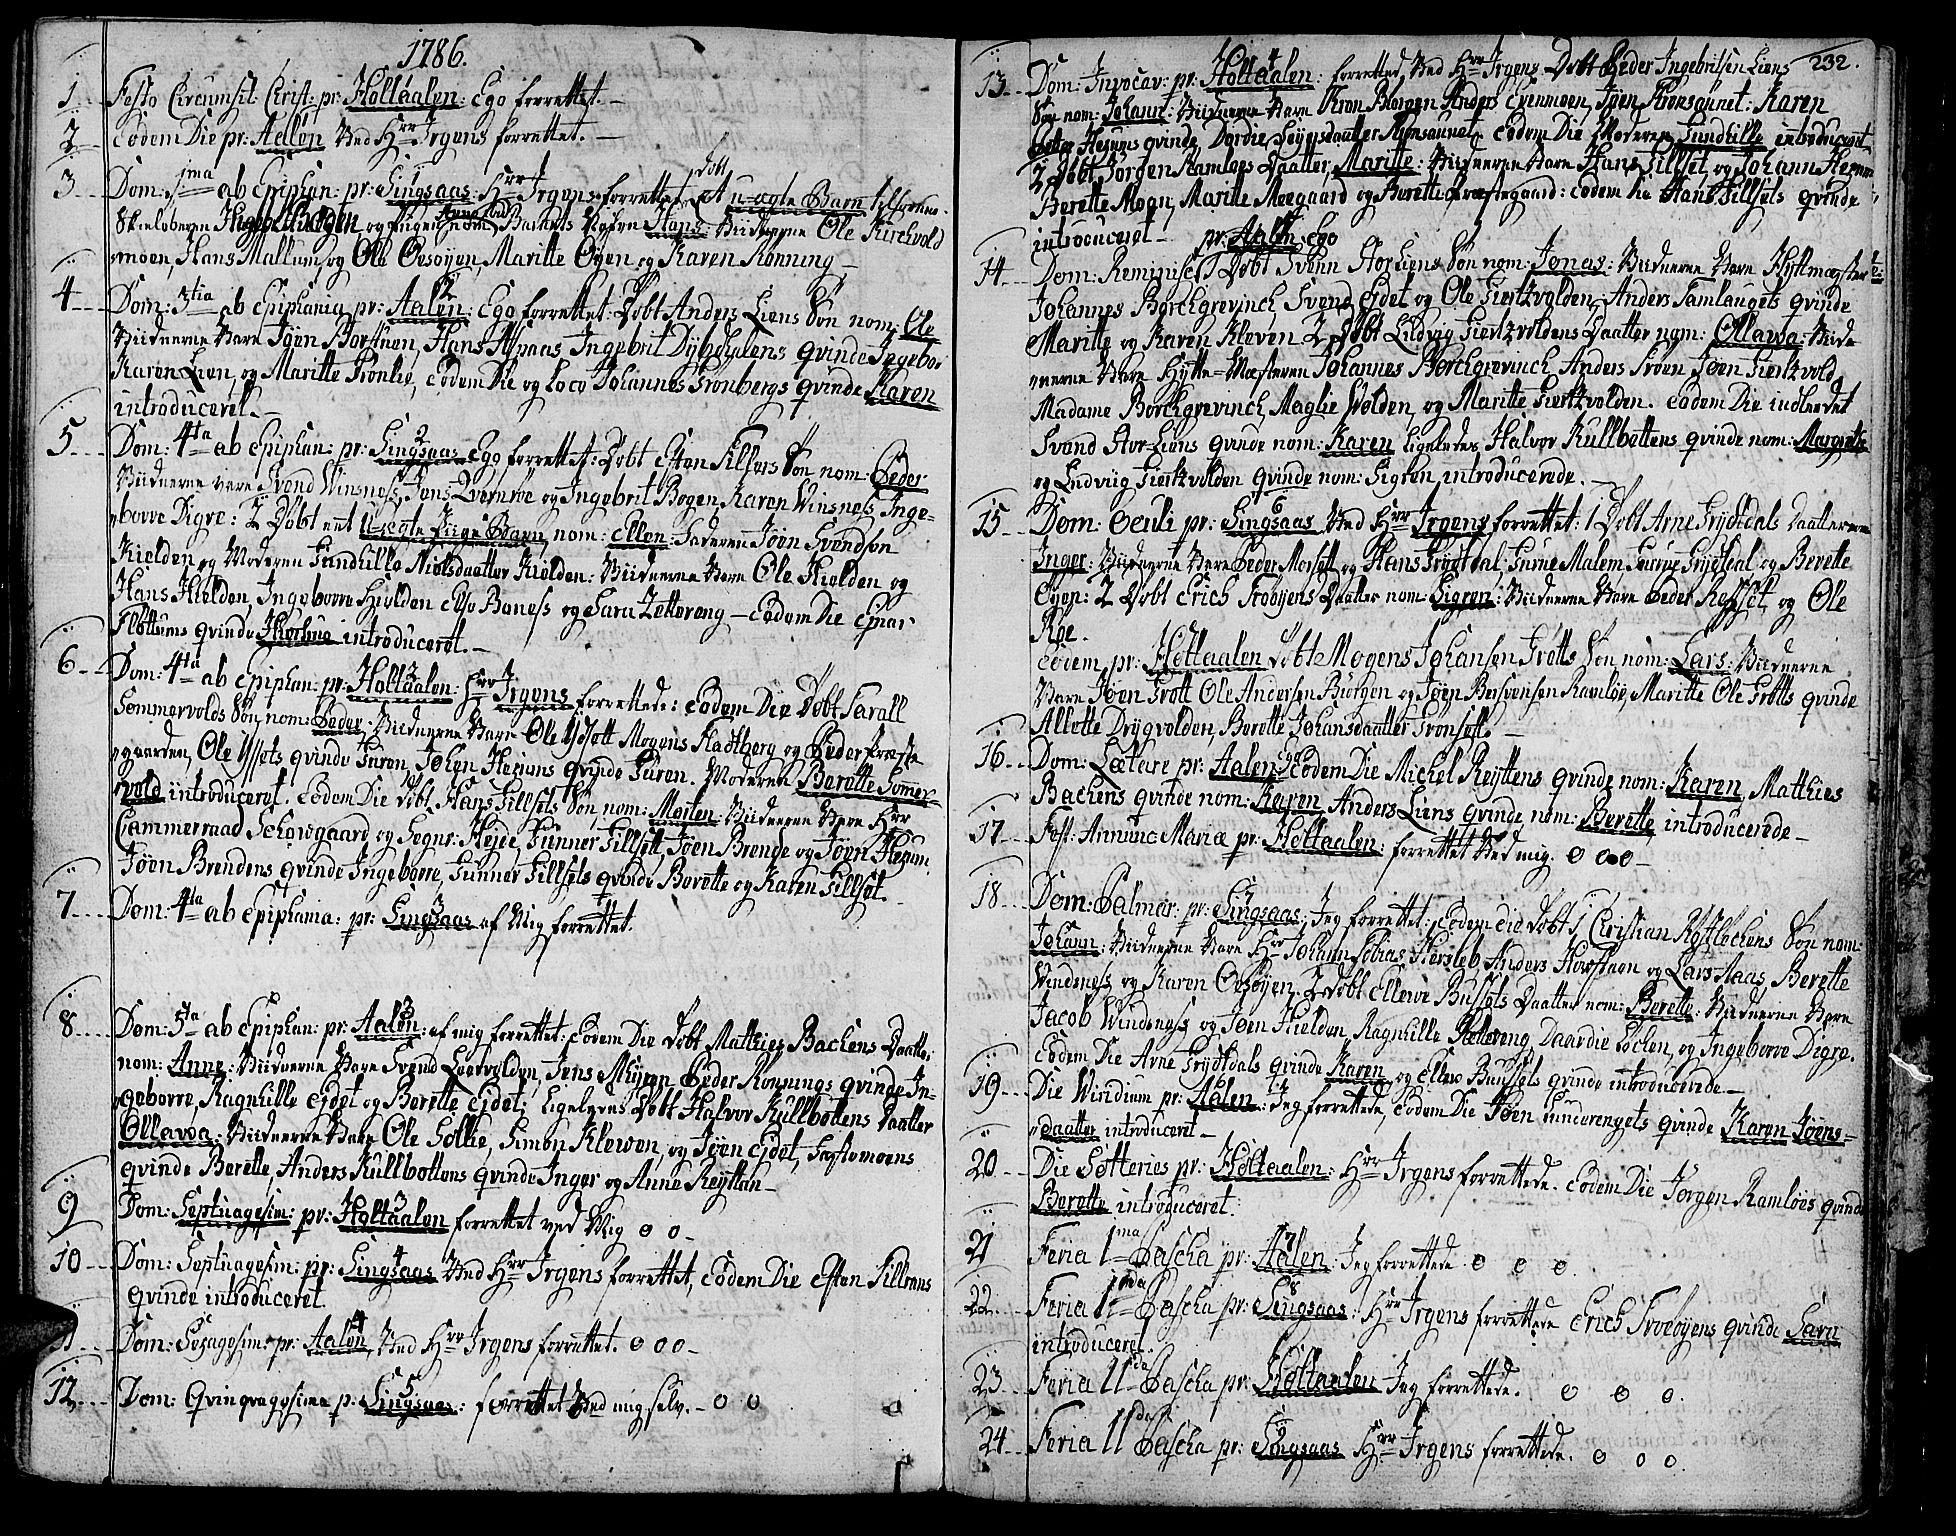 SAT, Ministerialprotokoller, klokkerbøker og fødselsregistre - Sør-Trøndelag, 685/L0952: Ministerialbok nr. 685A01, 1745-1804, s. 232